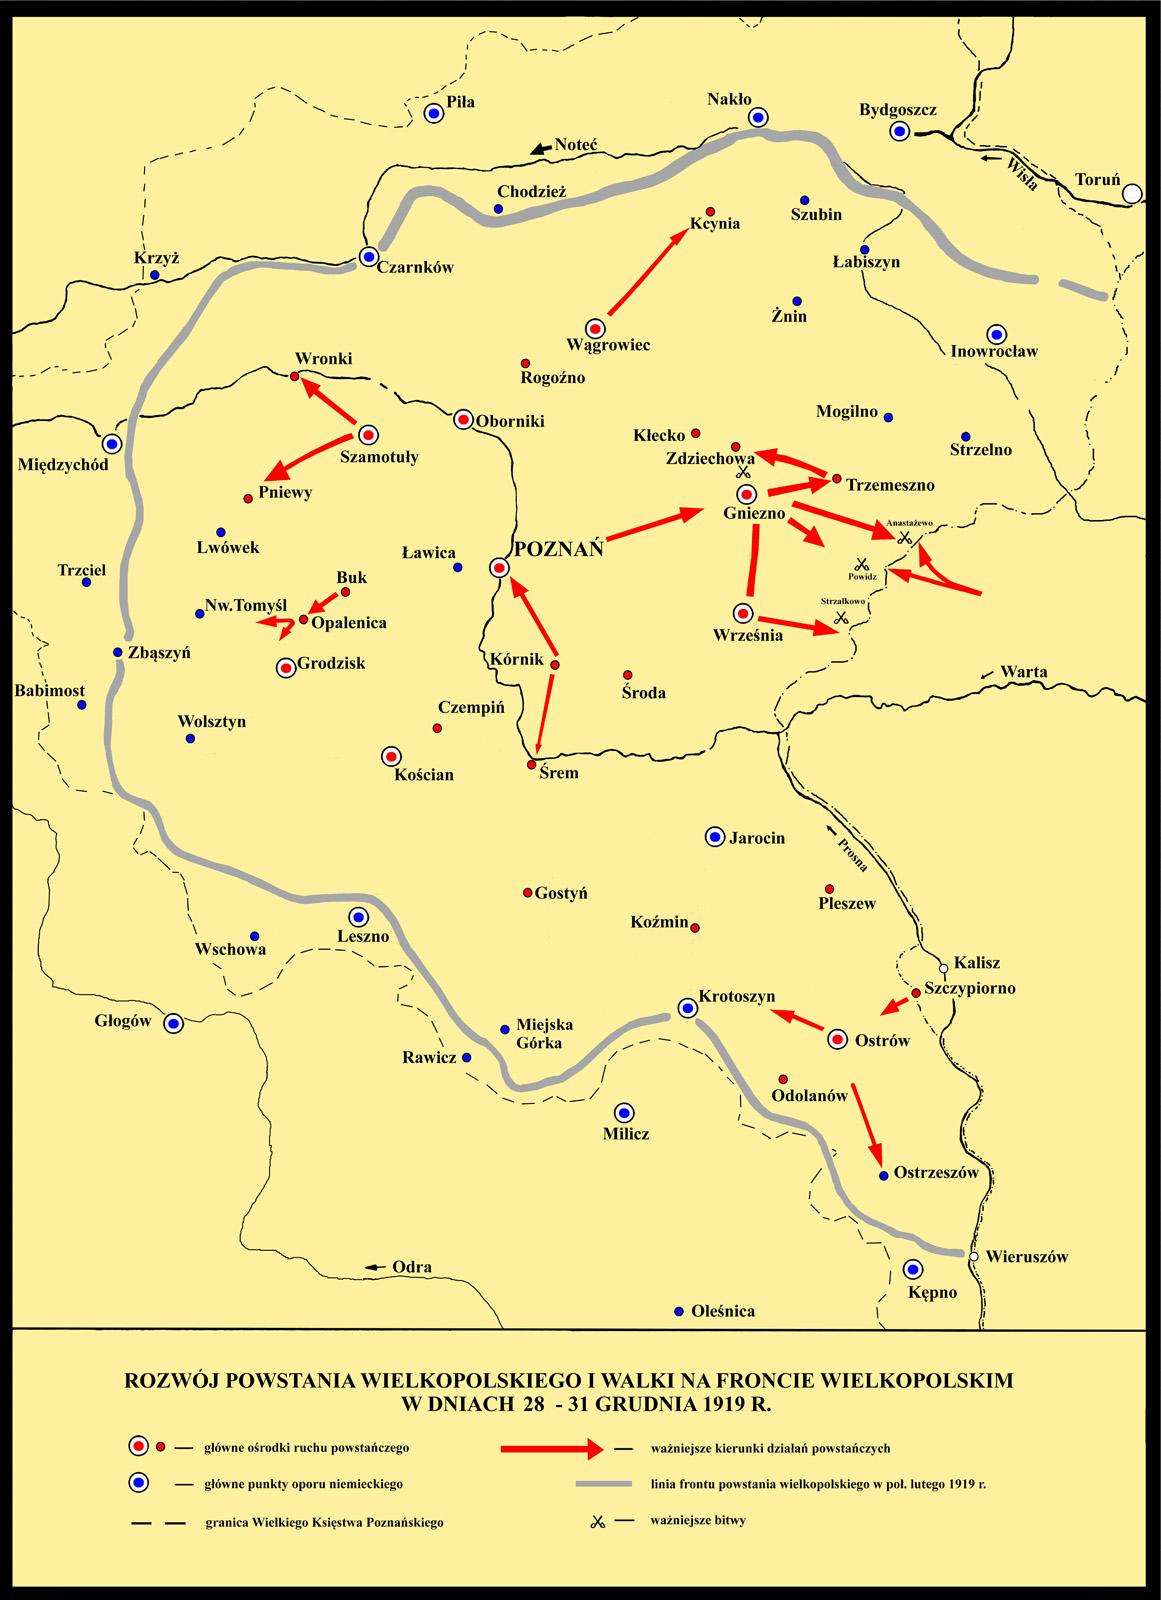 Развитие восстания и бои 28-31 декабря 1919 г.